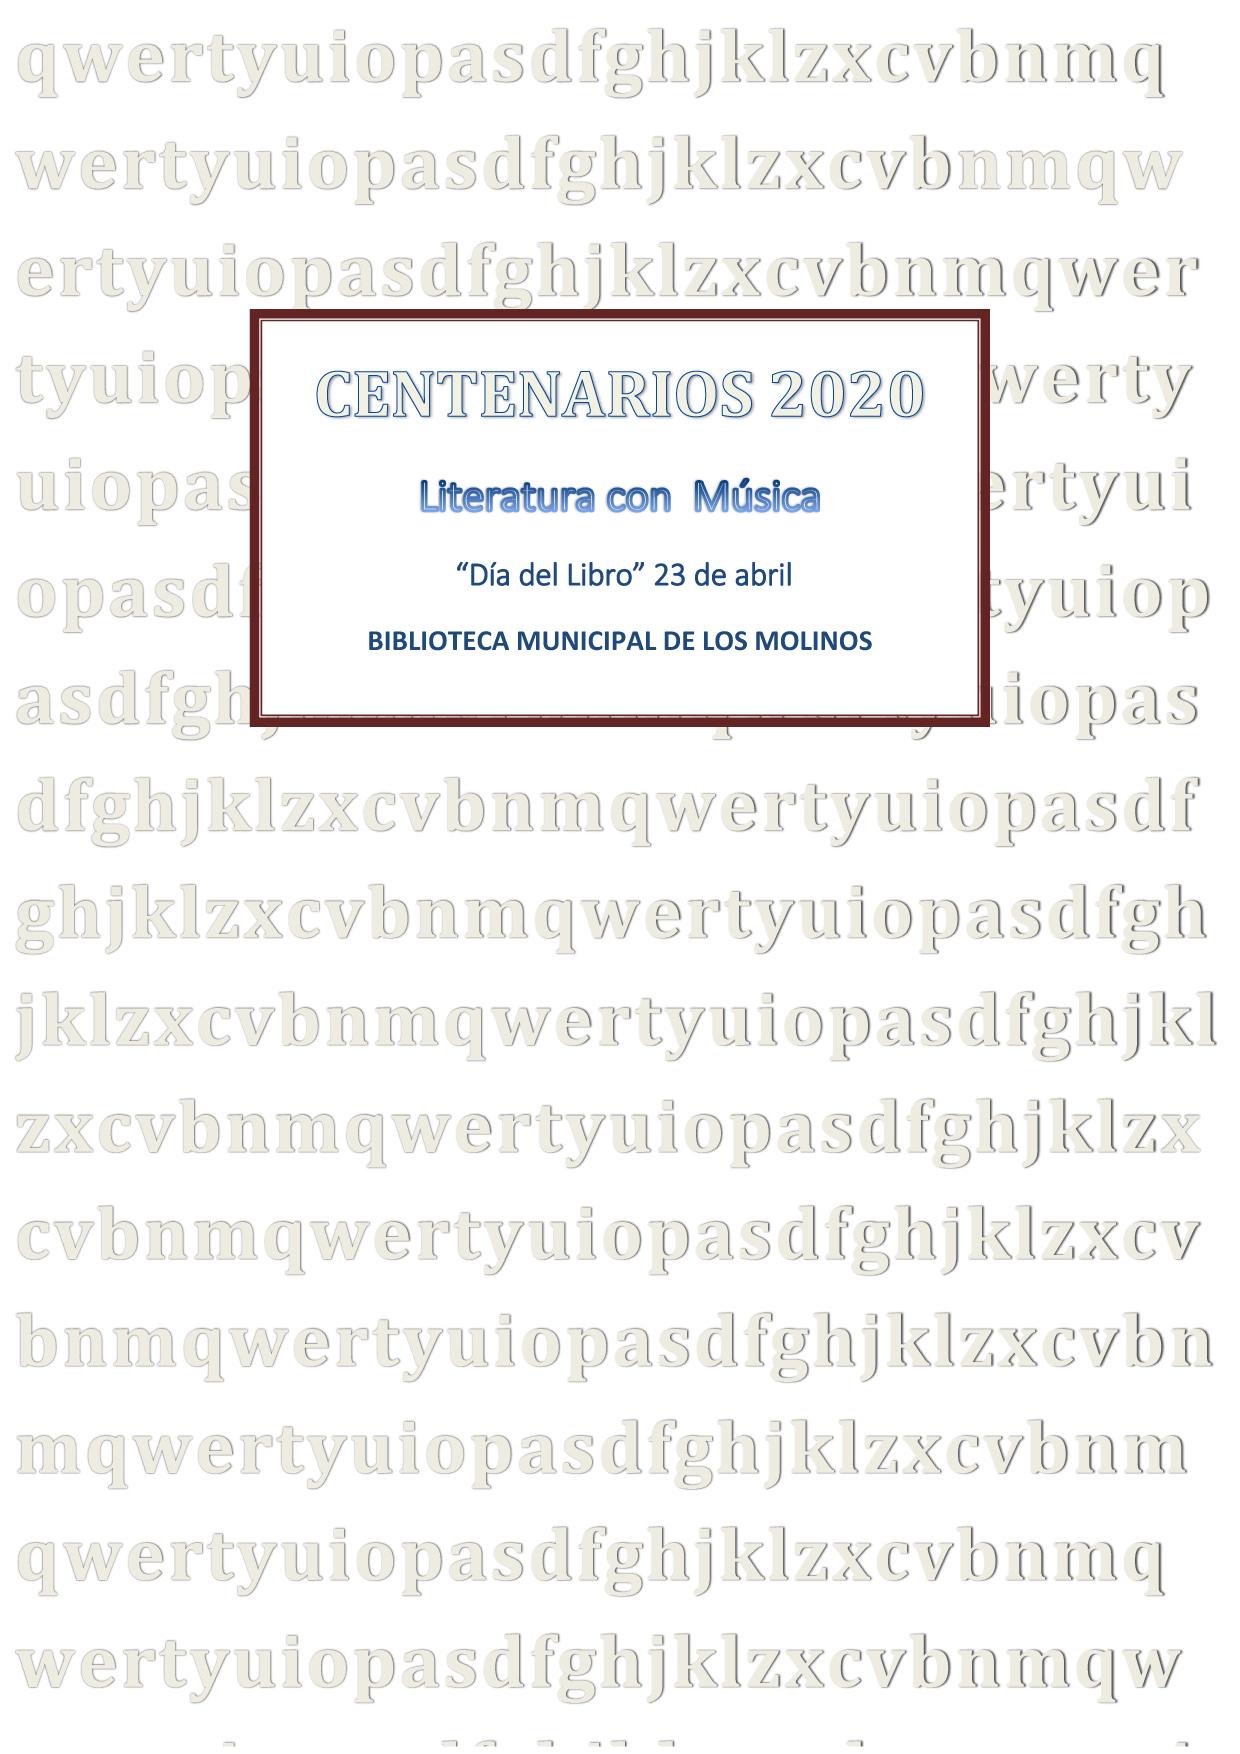 CENTENARIOS 2020